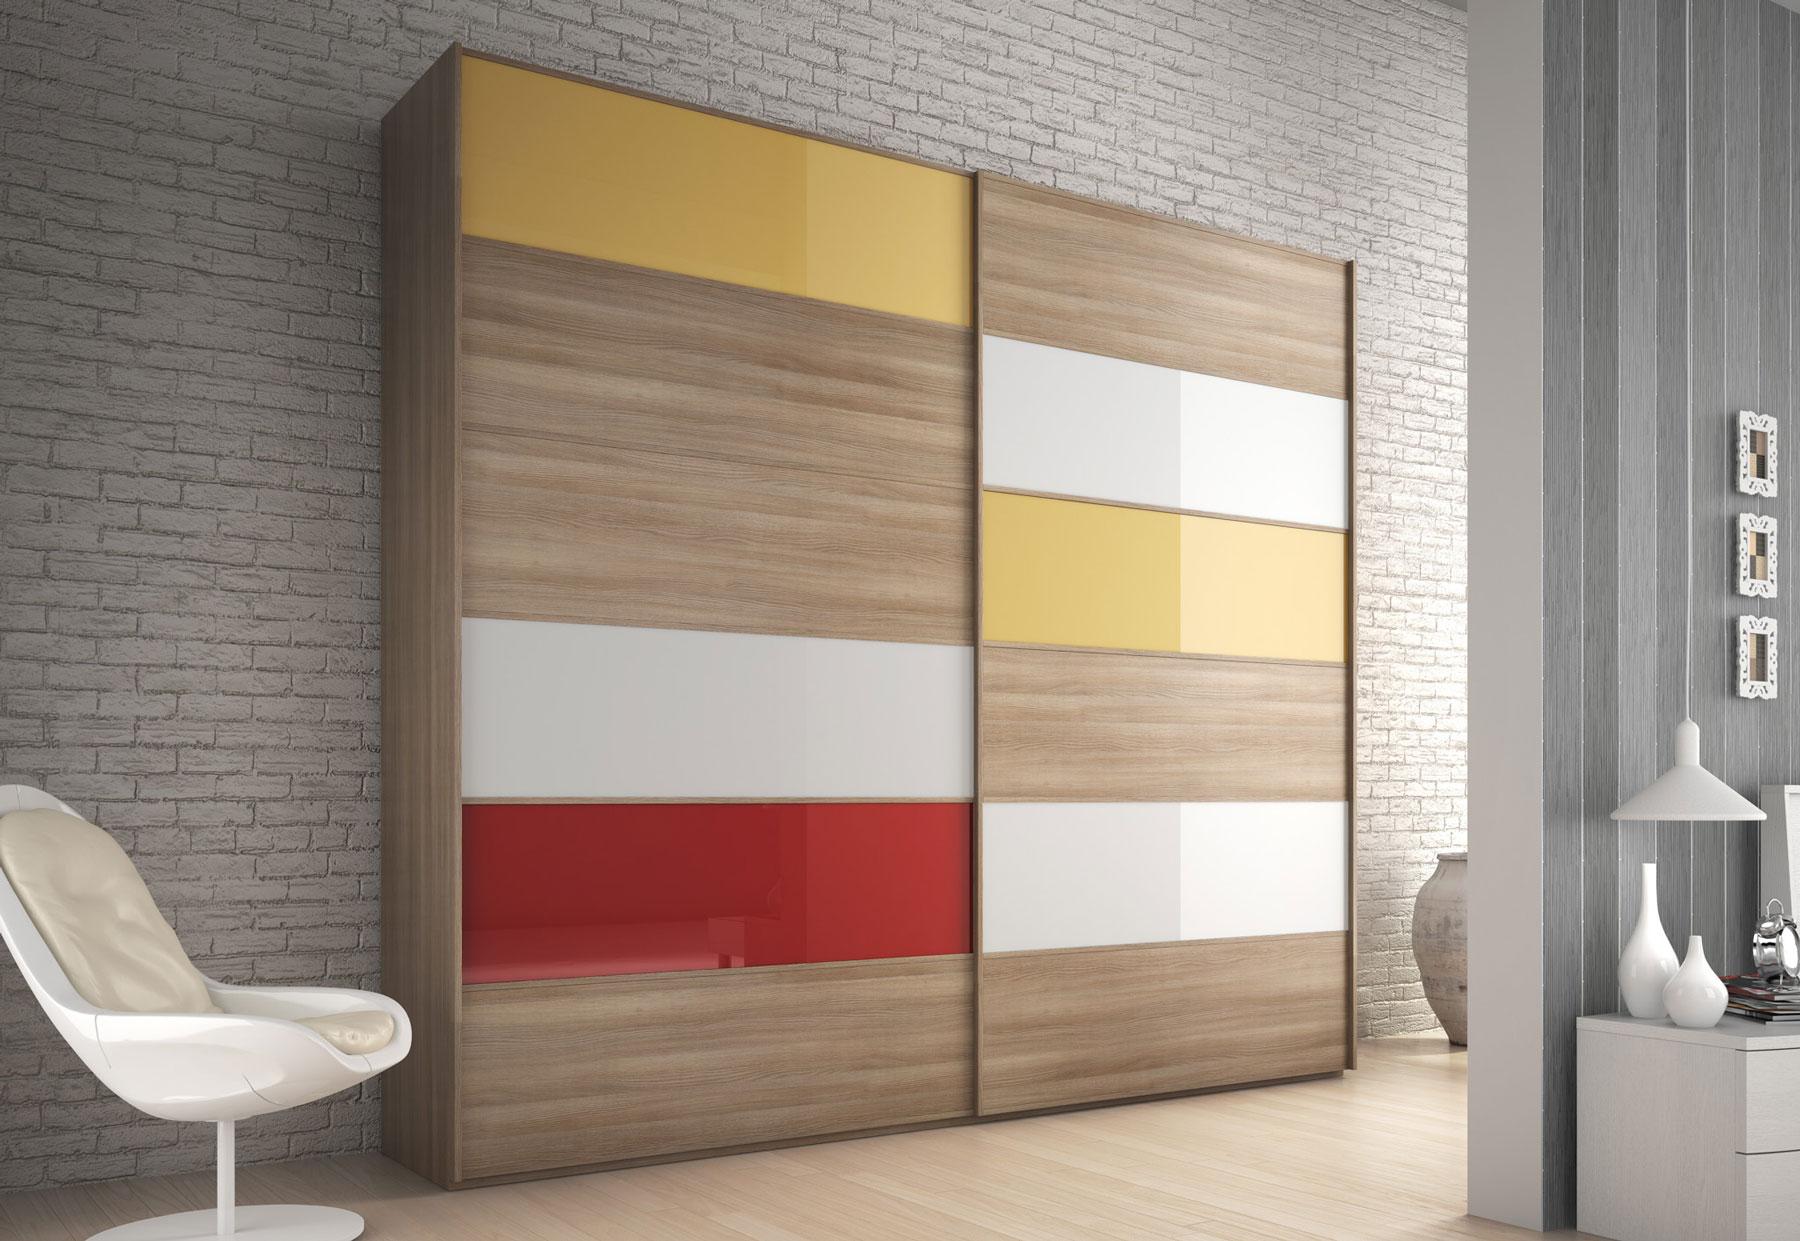 Credenza Con Vetri Colorati : Arredi per il soggiorno la credenza arredativo design magazine